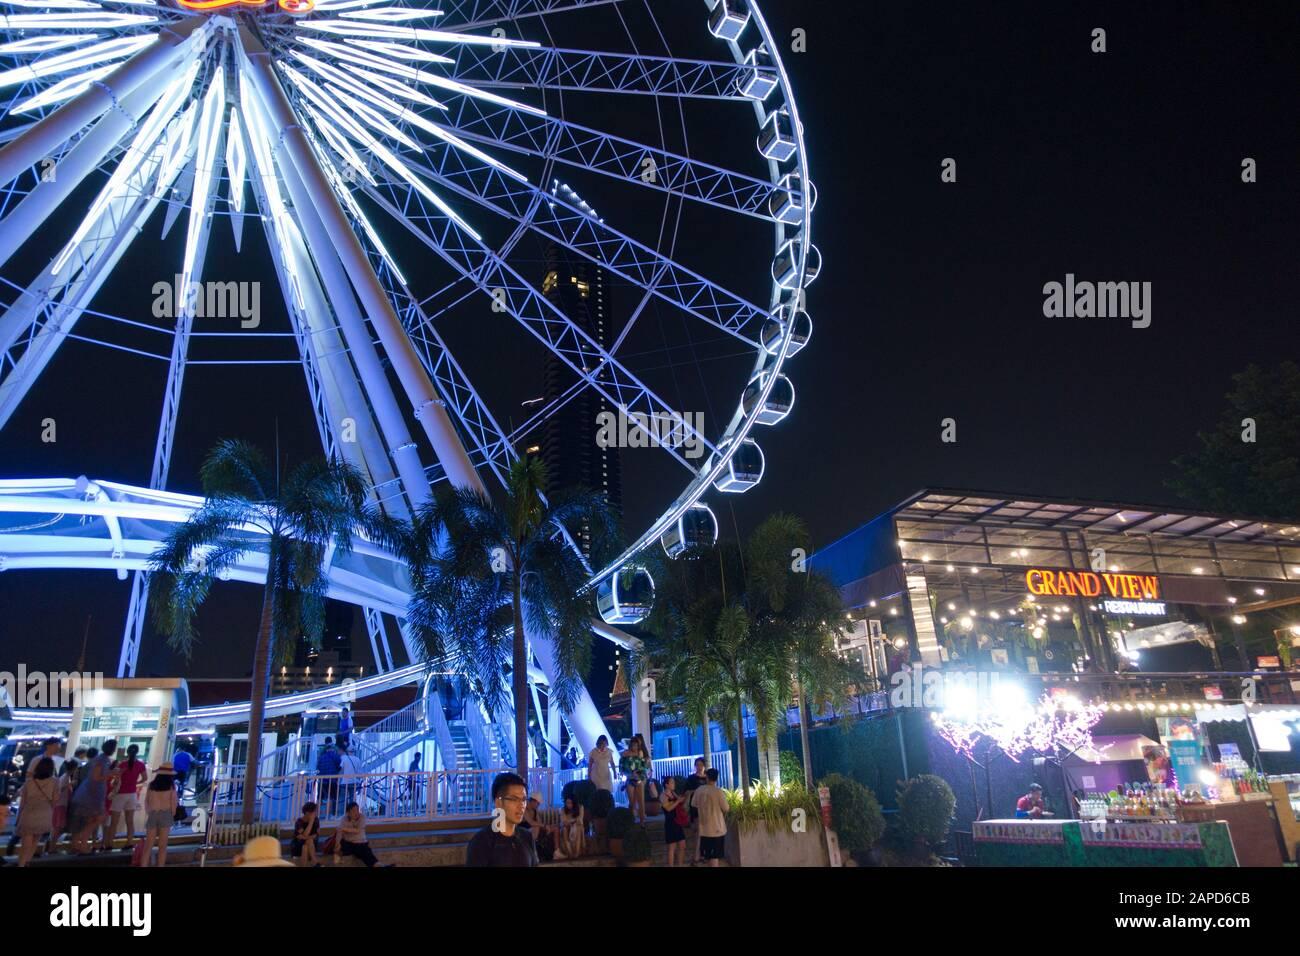 Asiatique: El Riverfront es un centro comercial al aire libre de 4,8 hectáreas y complejo de entretenimiento, frecuentado por los lugareños. El cielo asiático es un hito en Bangkok. Foto de stock